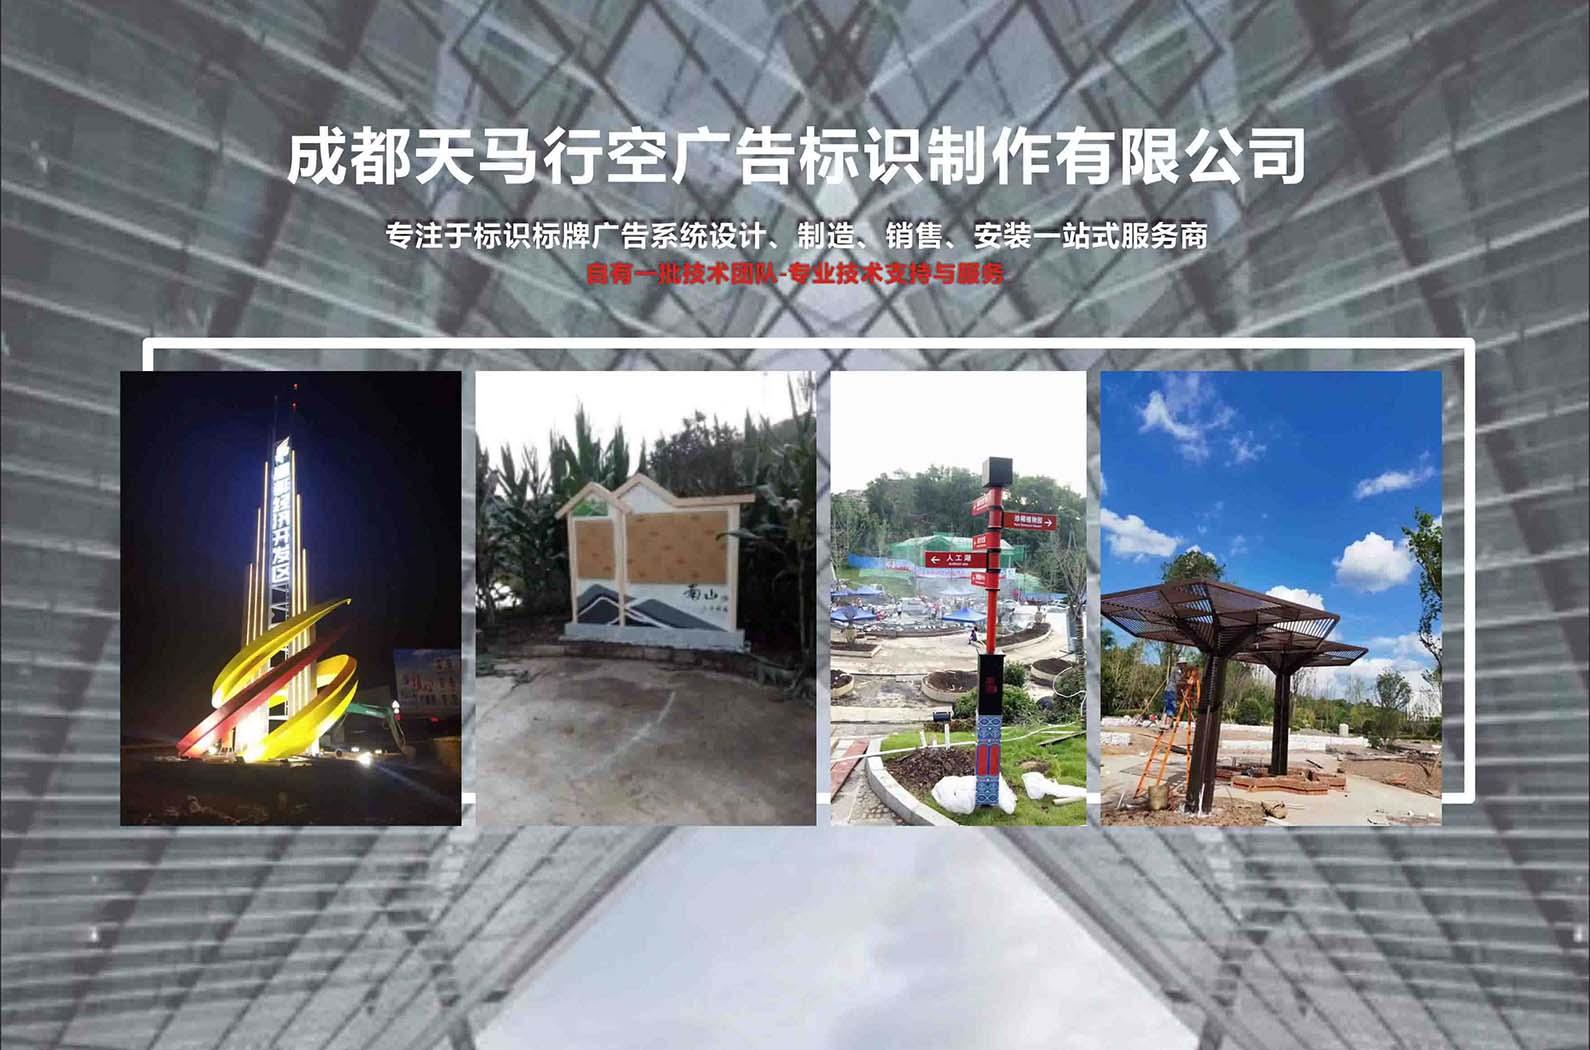 四川景区导视制作厂 成都景区导视生产厂家